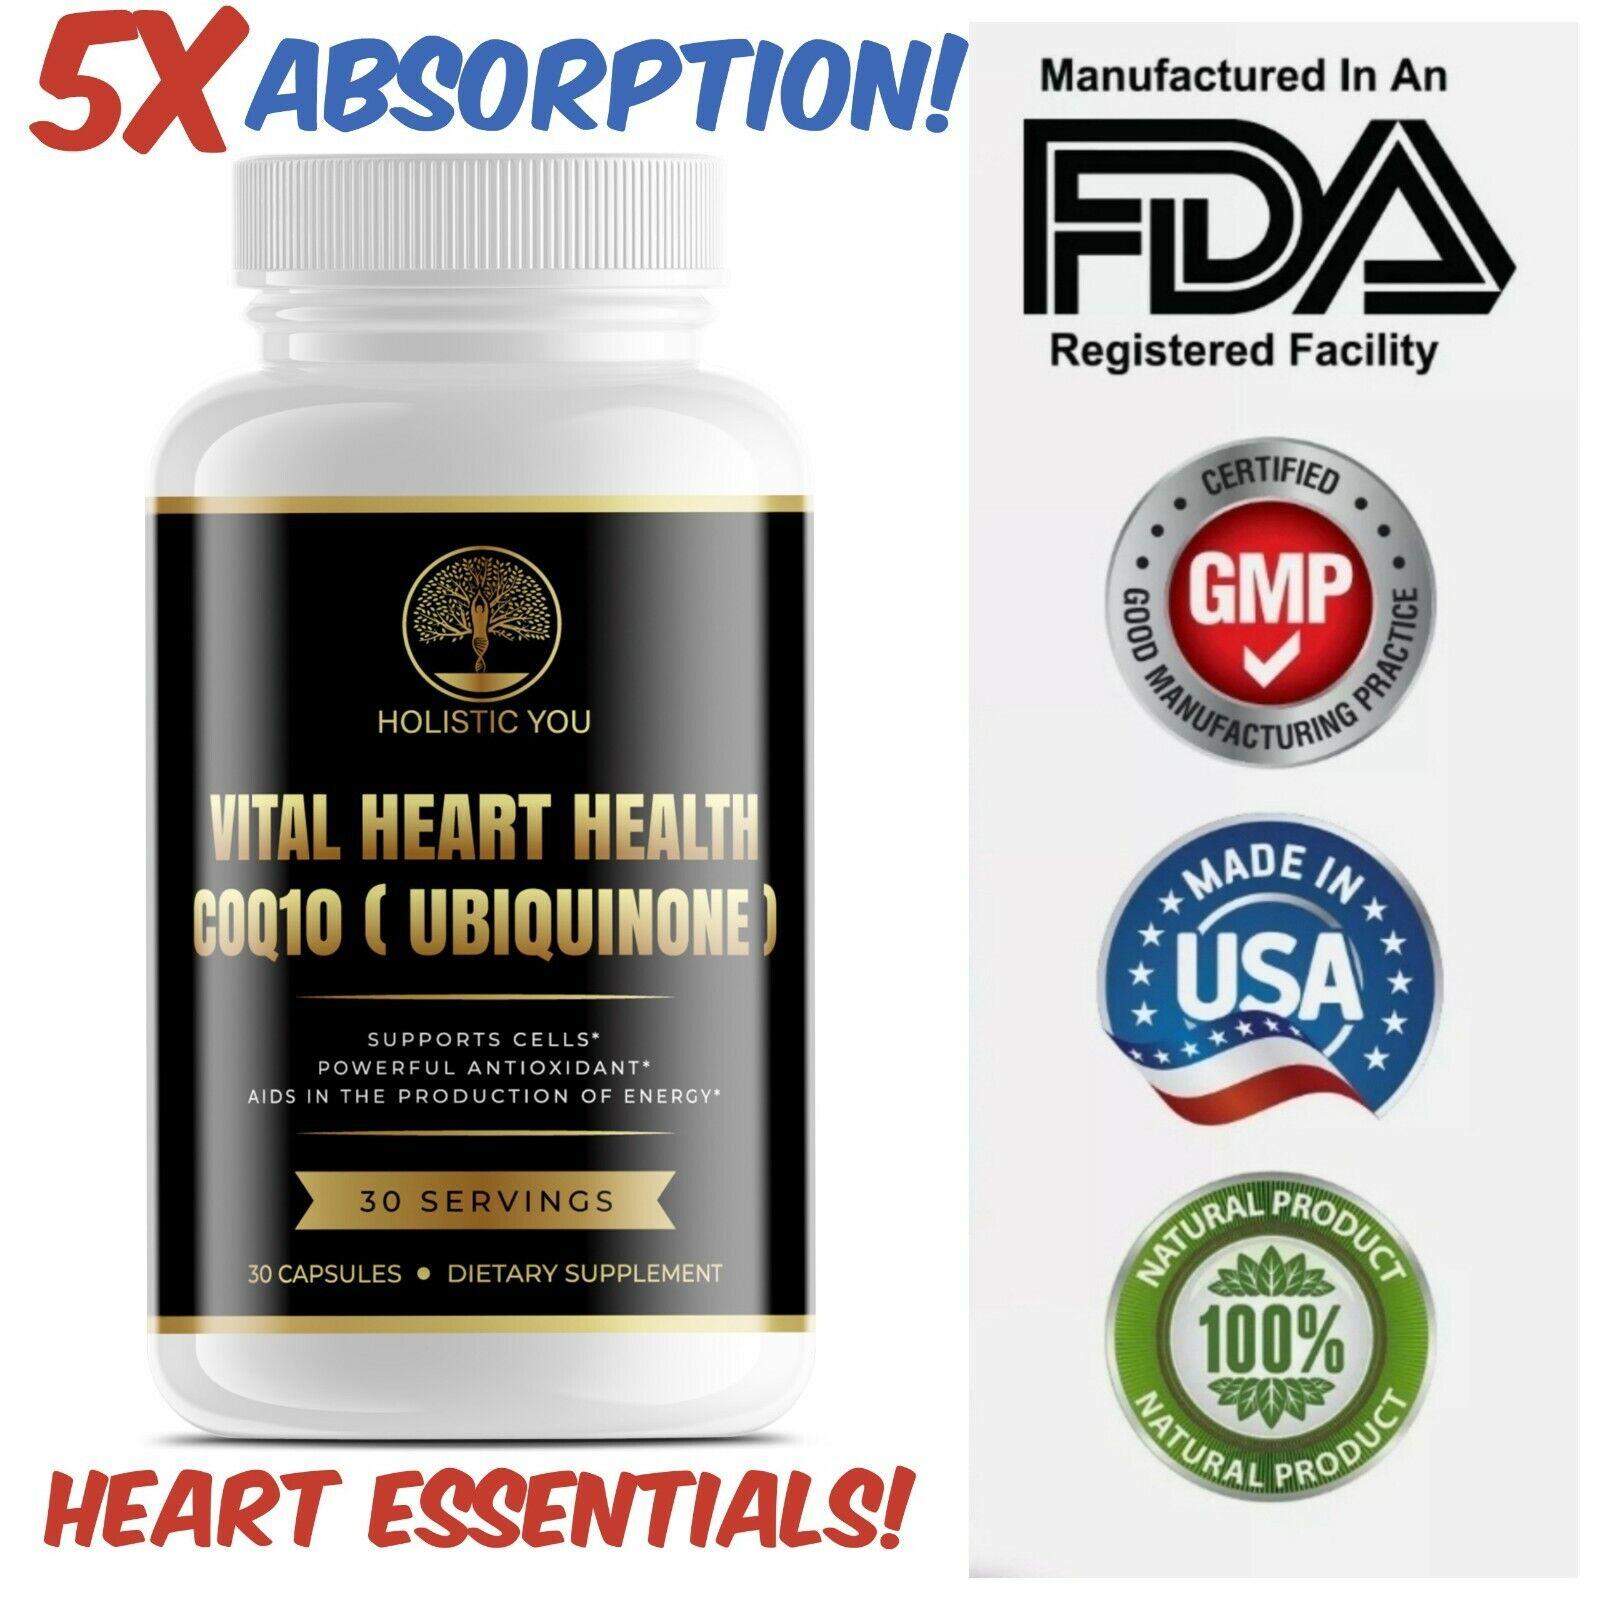 Vital Heart Health Ultra CoQ10 200mg Supplement 5x Better Absorption Antioxidant